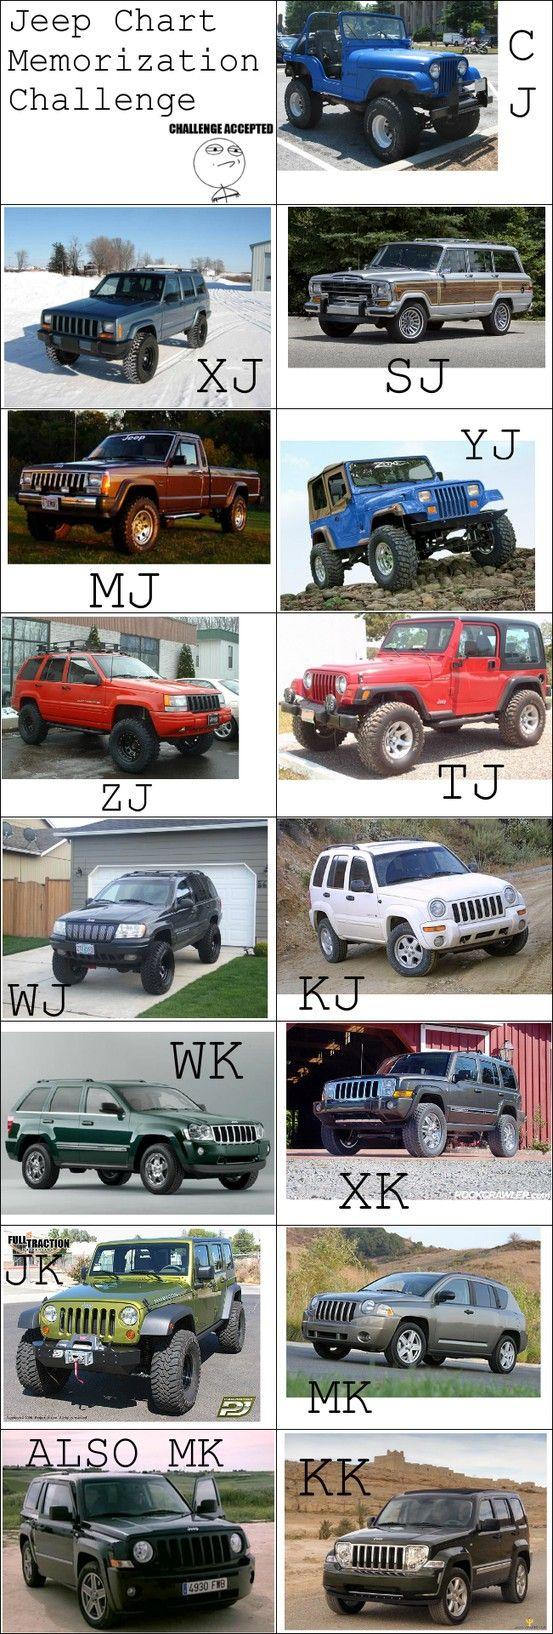 Jeep Body Type Chart Jeep Memorization Challenge Challenged Accepted Jeep Wj Jeep Offroad Jeep